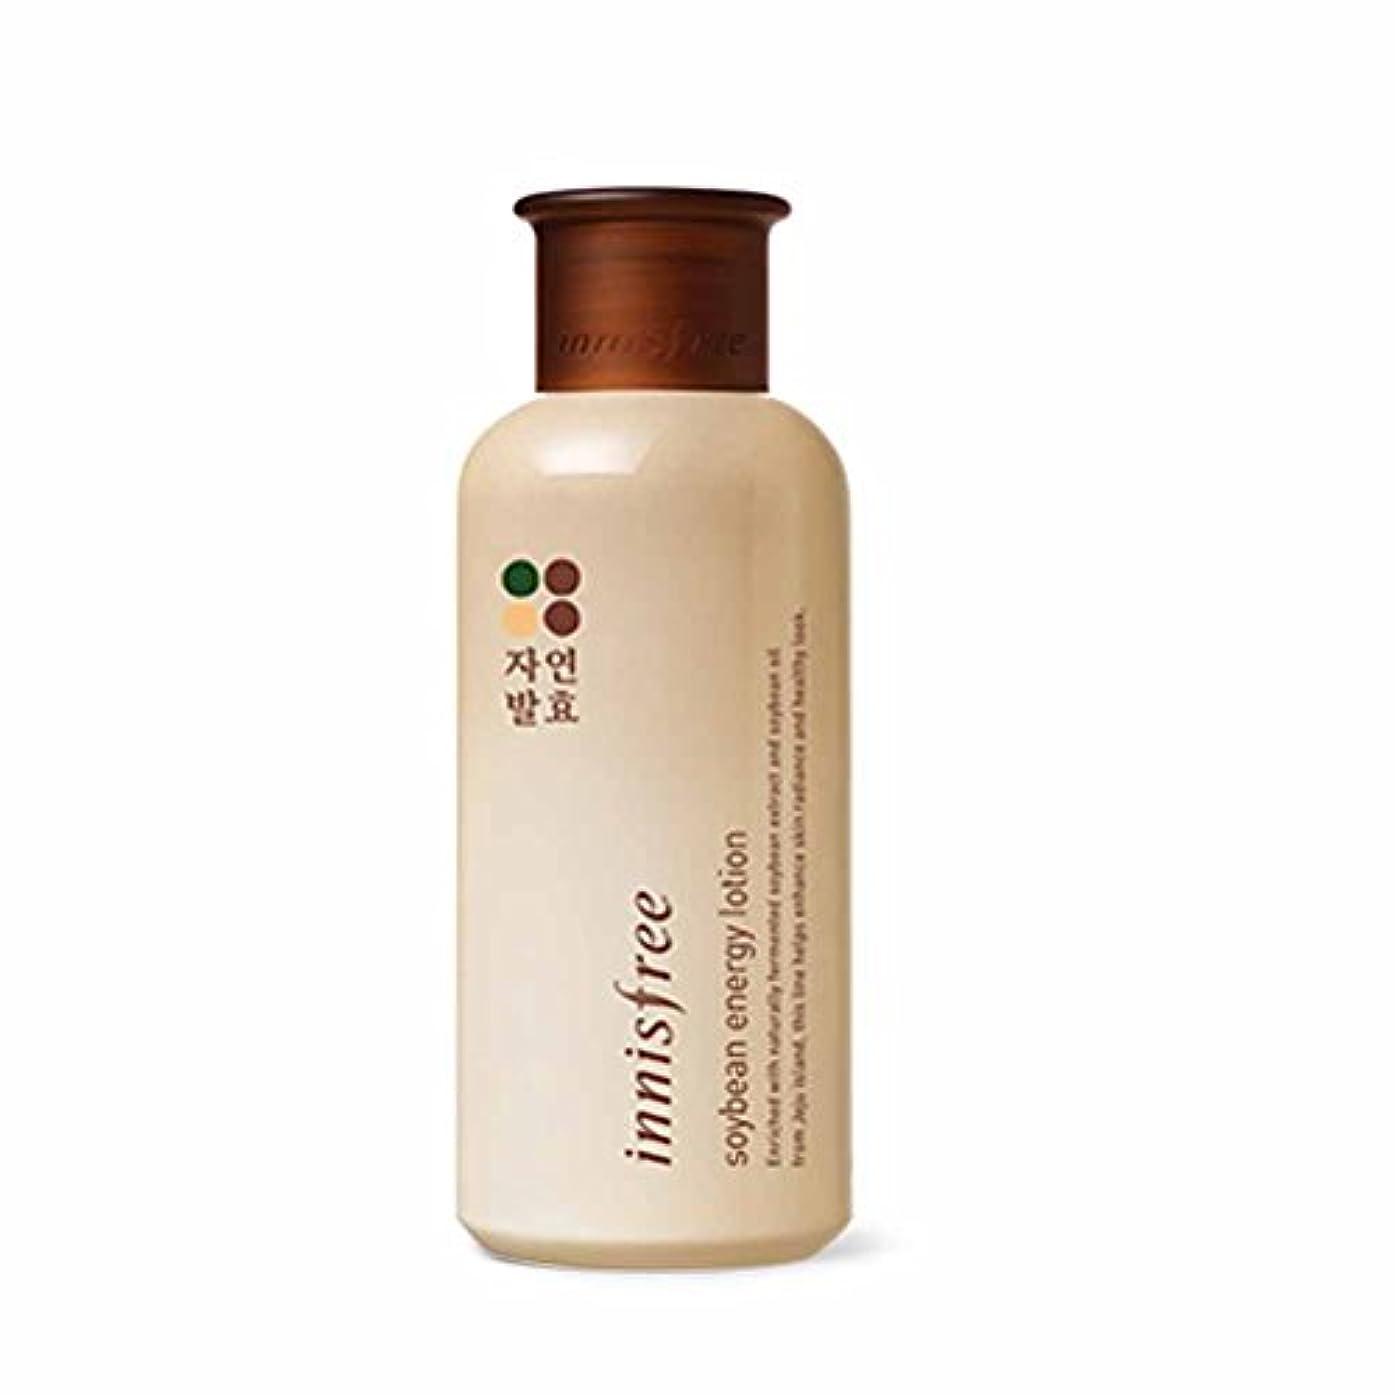 些細なレール願望イニスフリーソイビーンエナジースキン(トナー)200ml / Innisfree Soybean Energy Skin(Toner) 200ml[海外直送品][並行輸入品]